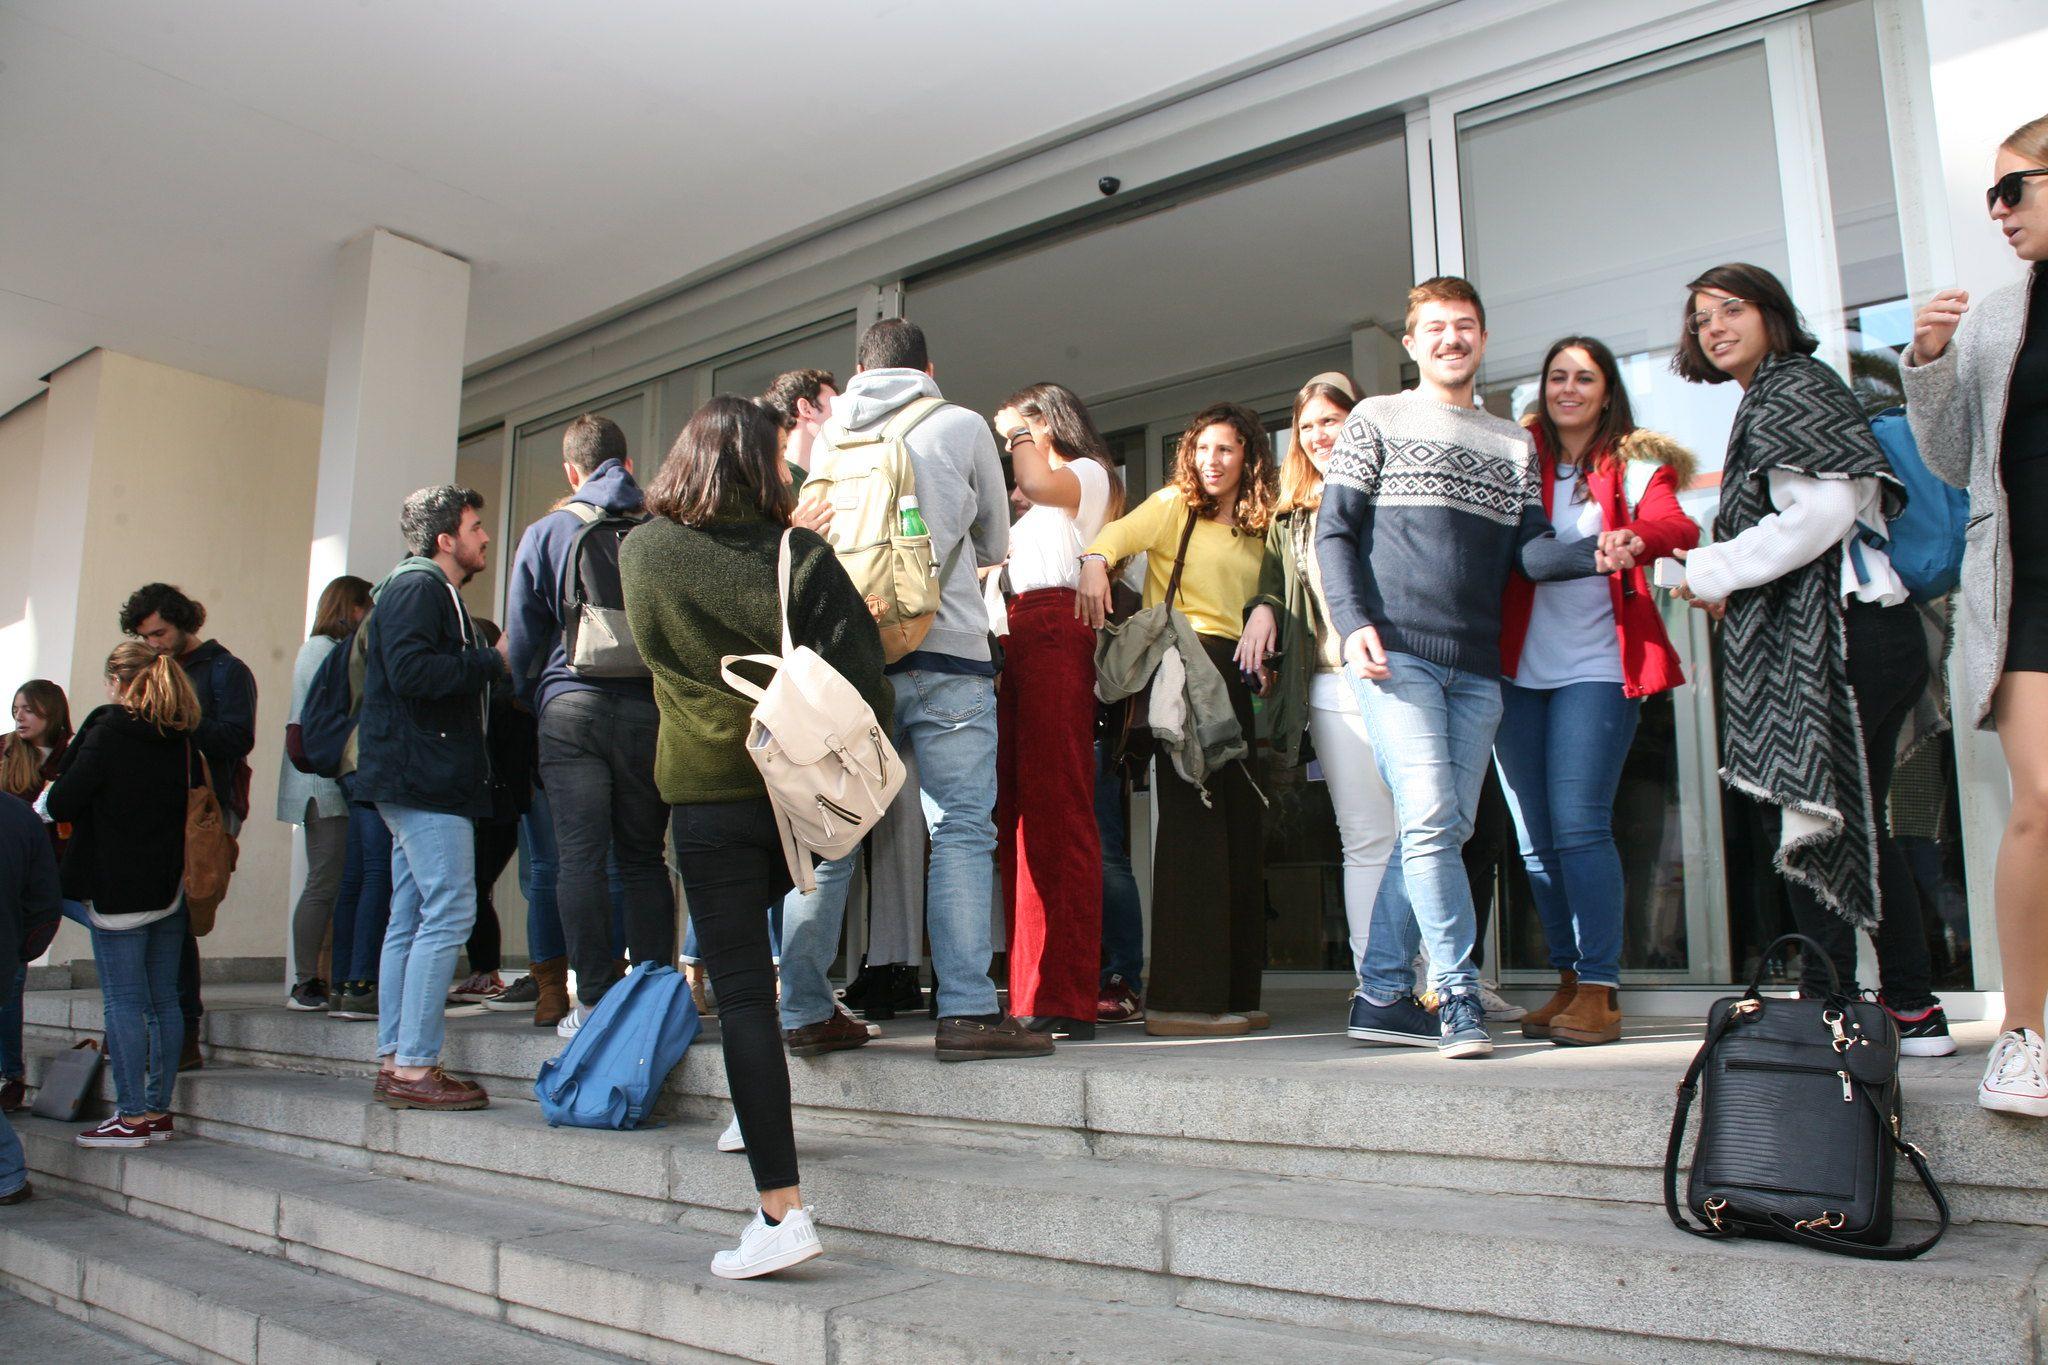 Estudiantes de la Facultad de Medicina de Cádiz, en una imagen reciente. FOTO: UCA